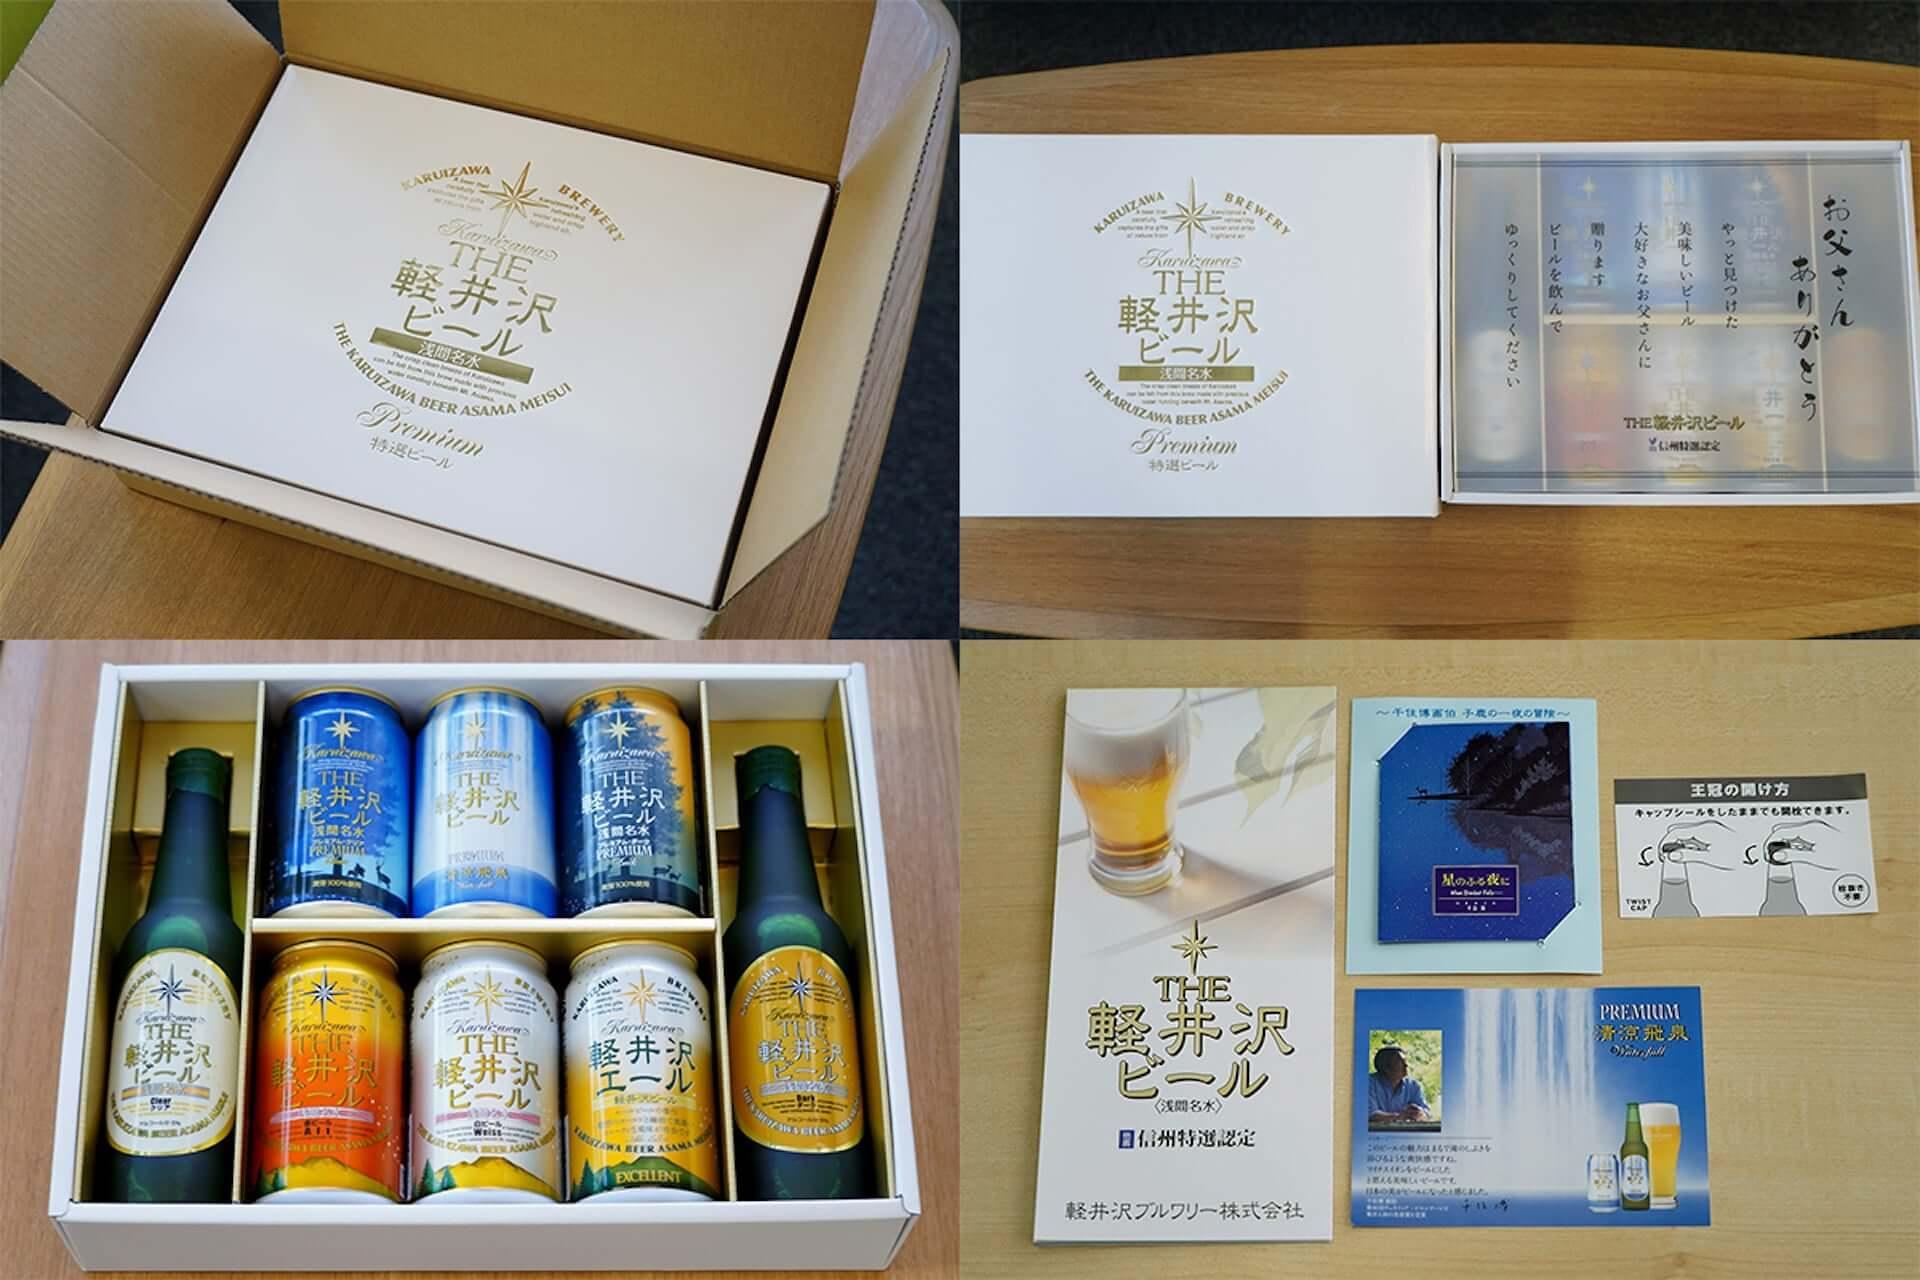 父の日限定の地ビール・クラフトビール8本飲み比べセットが登場!感謝のメッセージ付きギフトボックス gourmet200611_karuizawabeer_05-1920x1280